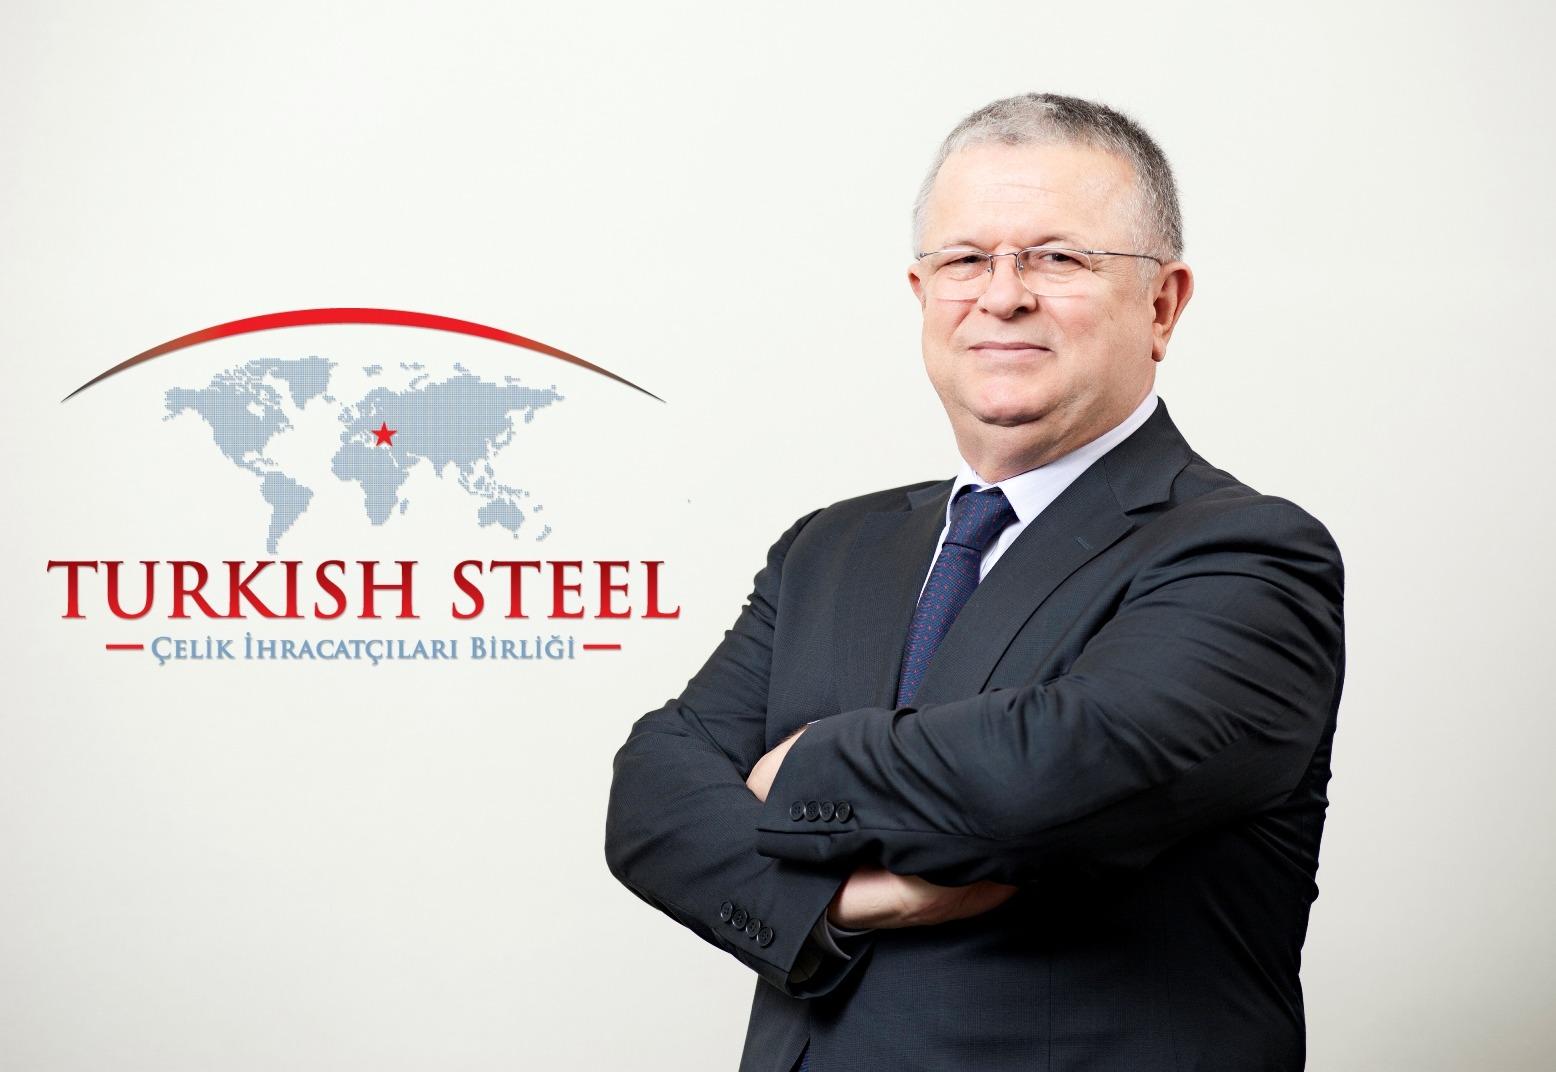 Çelik İhracatçıları Birliği Yönetim Kurulu Başkanı Namık Ekinci